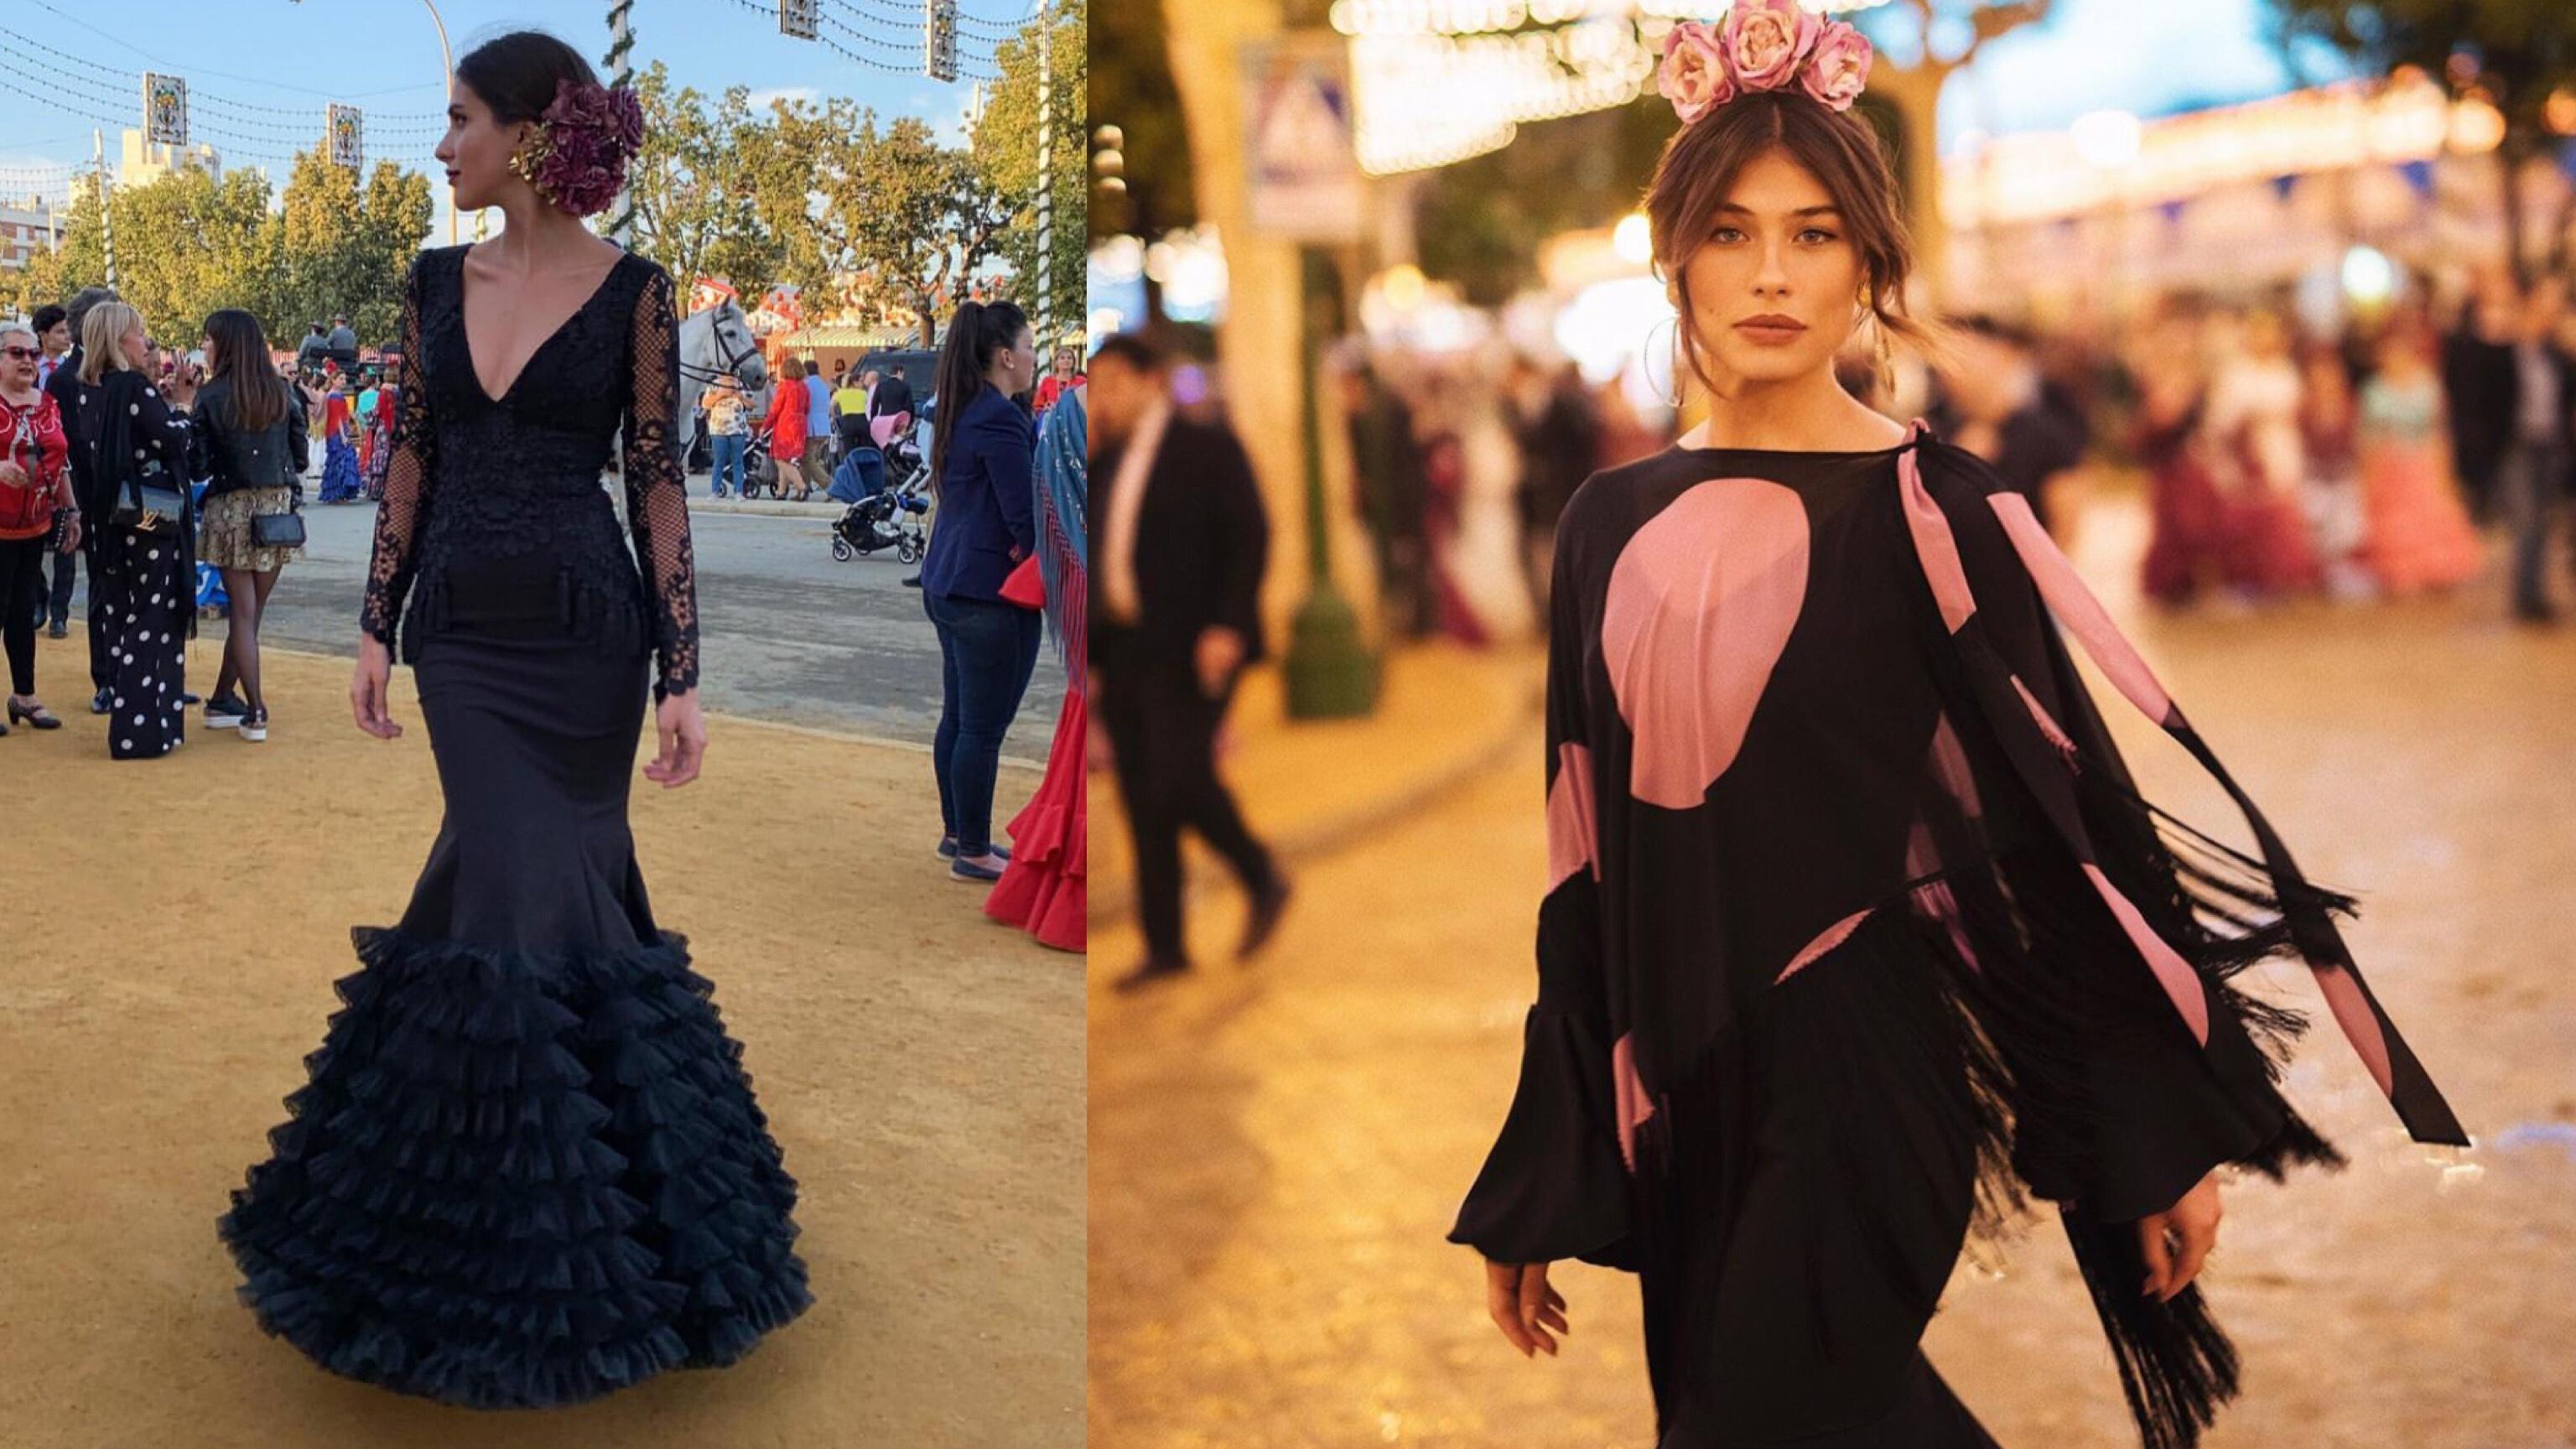 d4b739598 Así visten las influencers en la Feria de Sevilla 2019 - Hoy Magazine